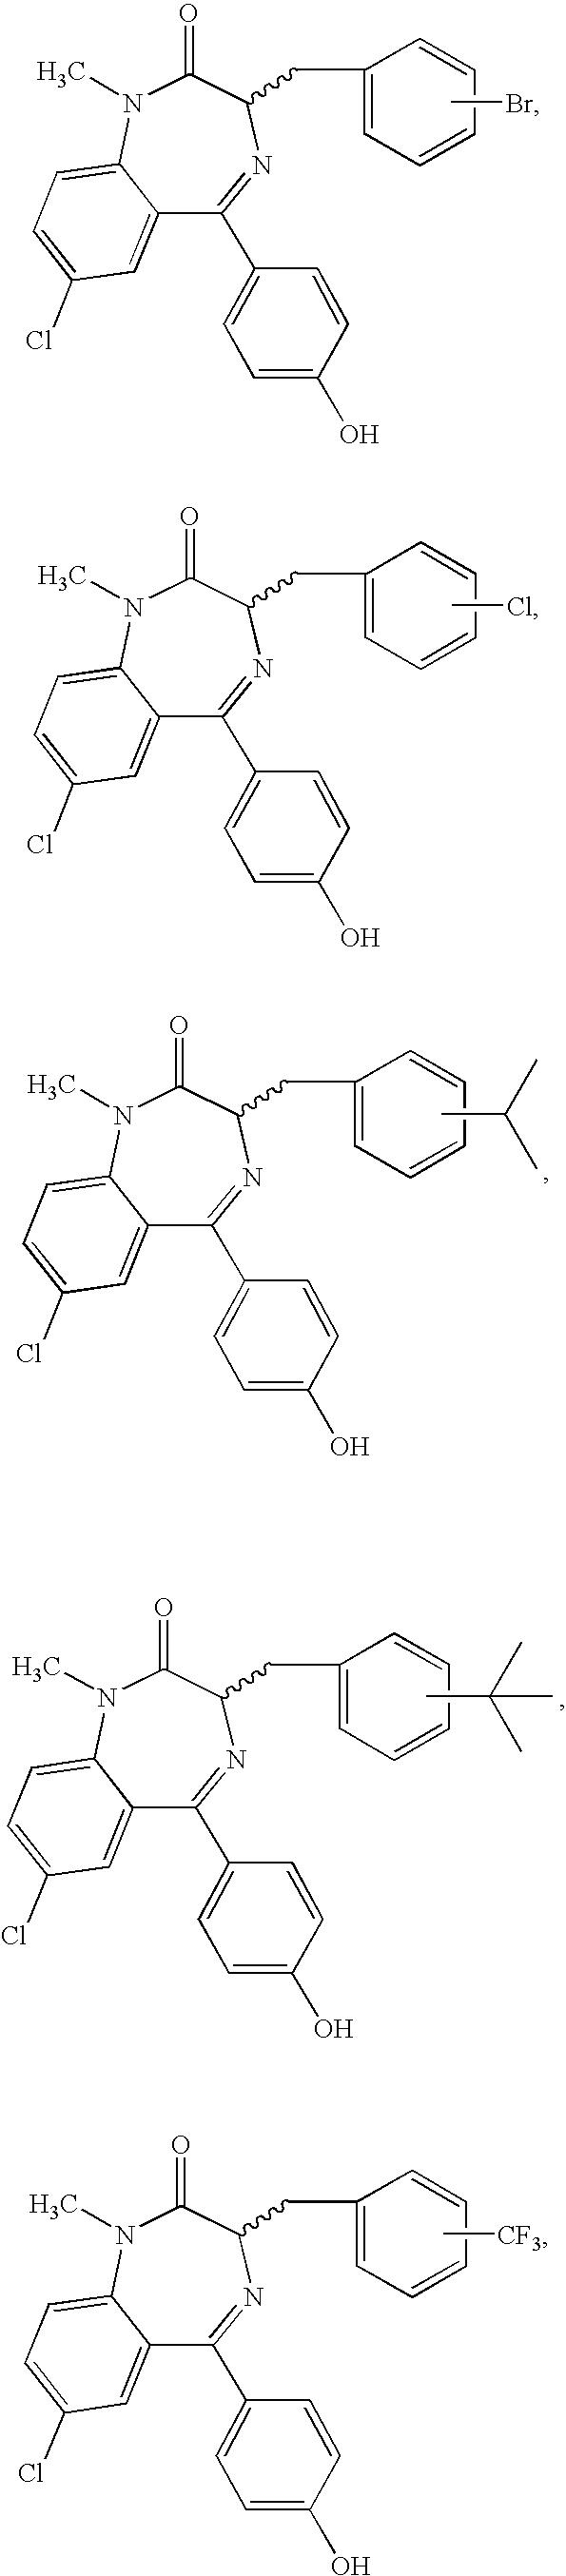 Figure US07851465-20101214-C00019